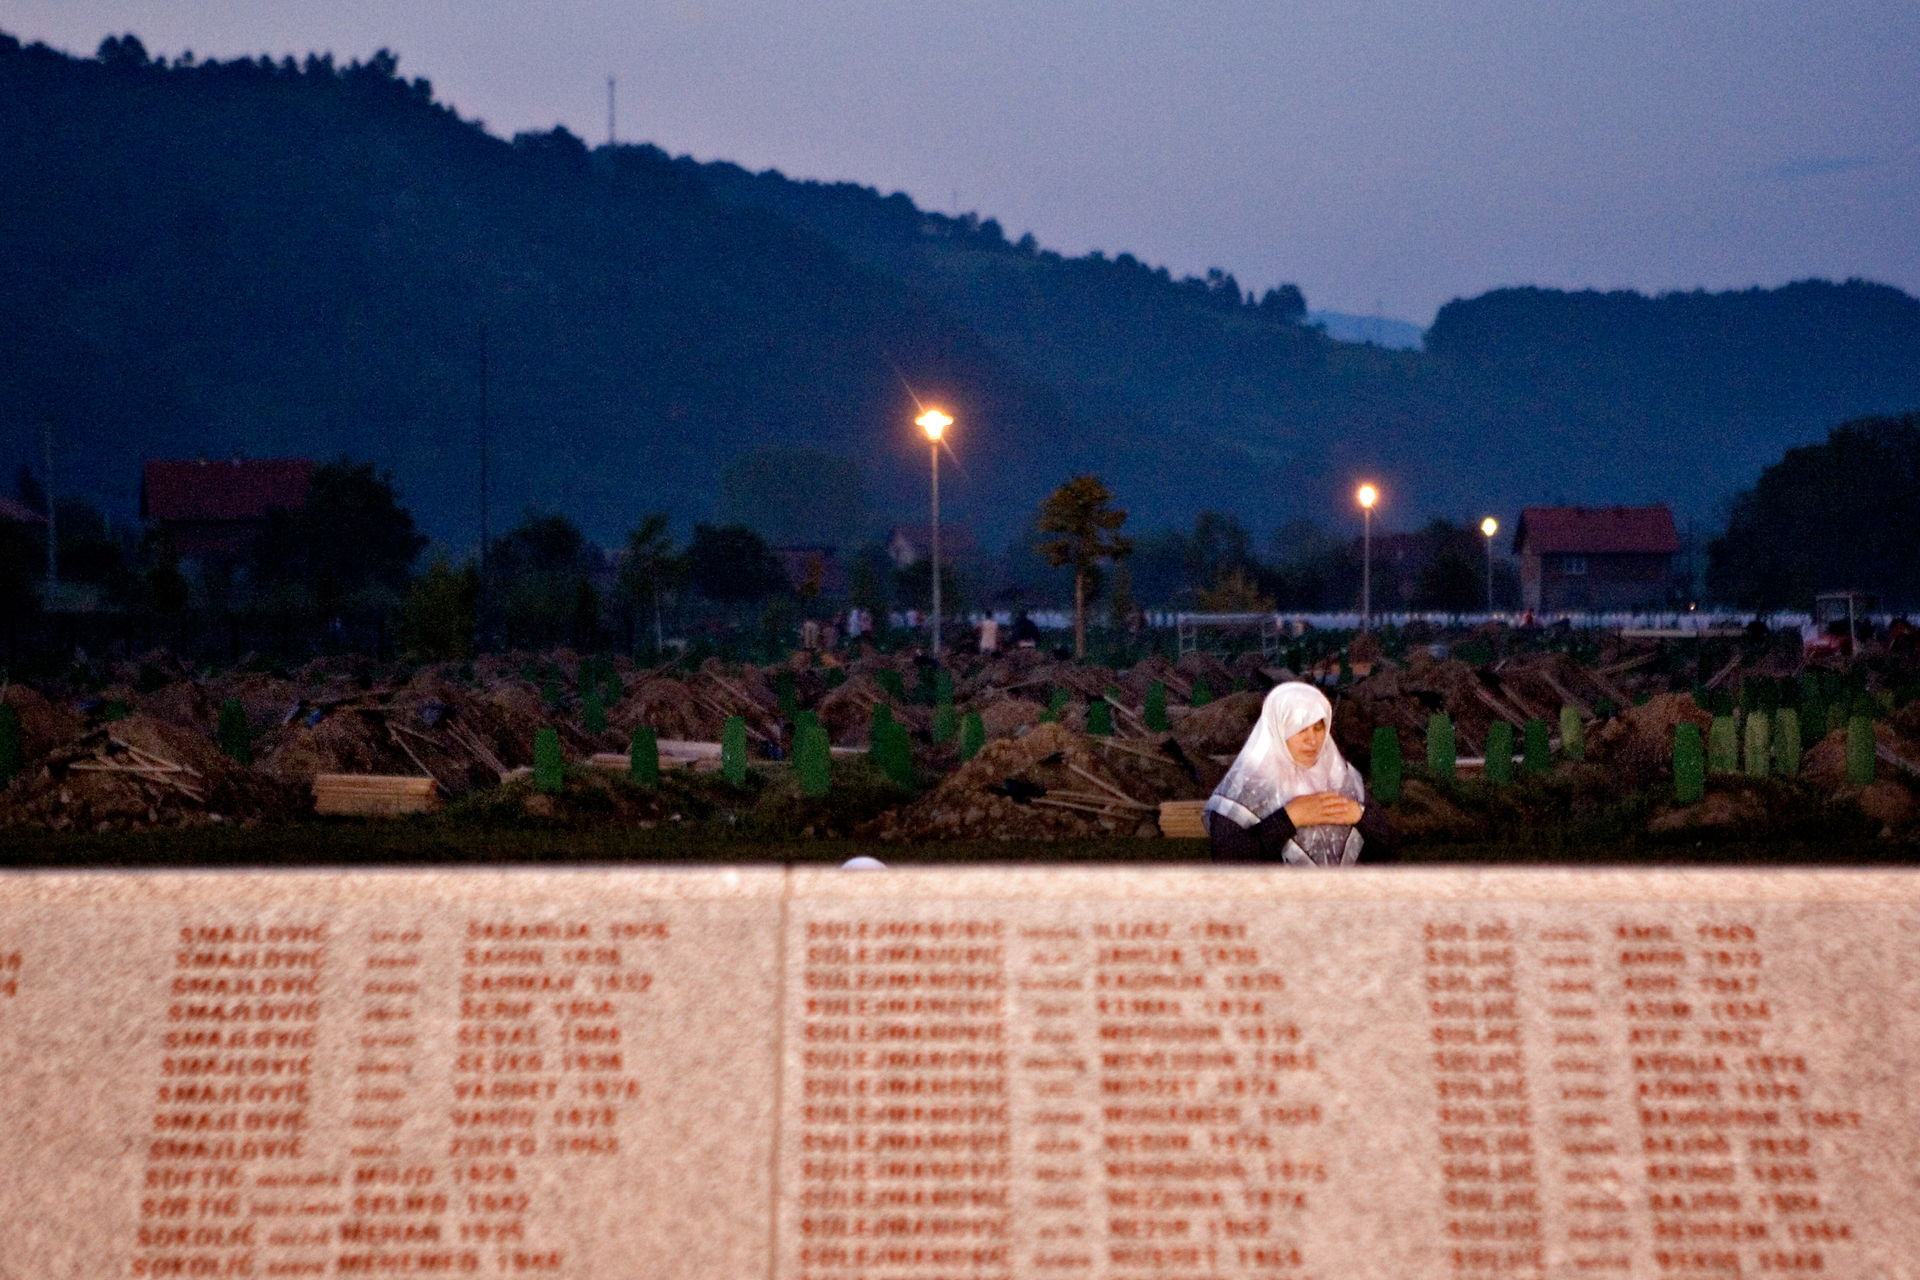 De leder stadig efter ofre i Srebrenica